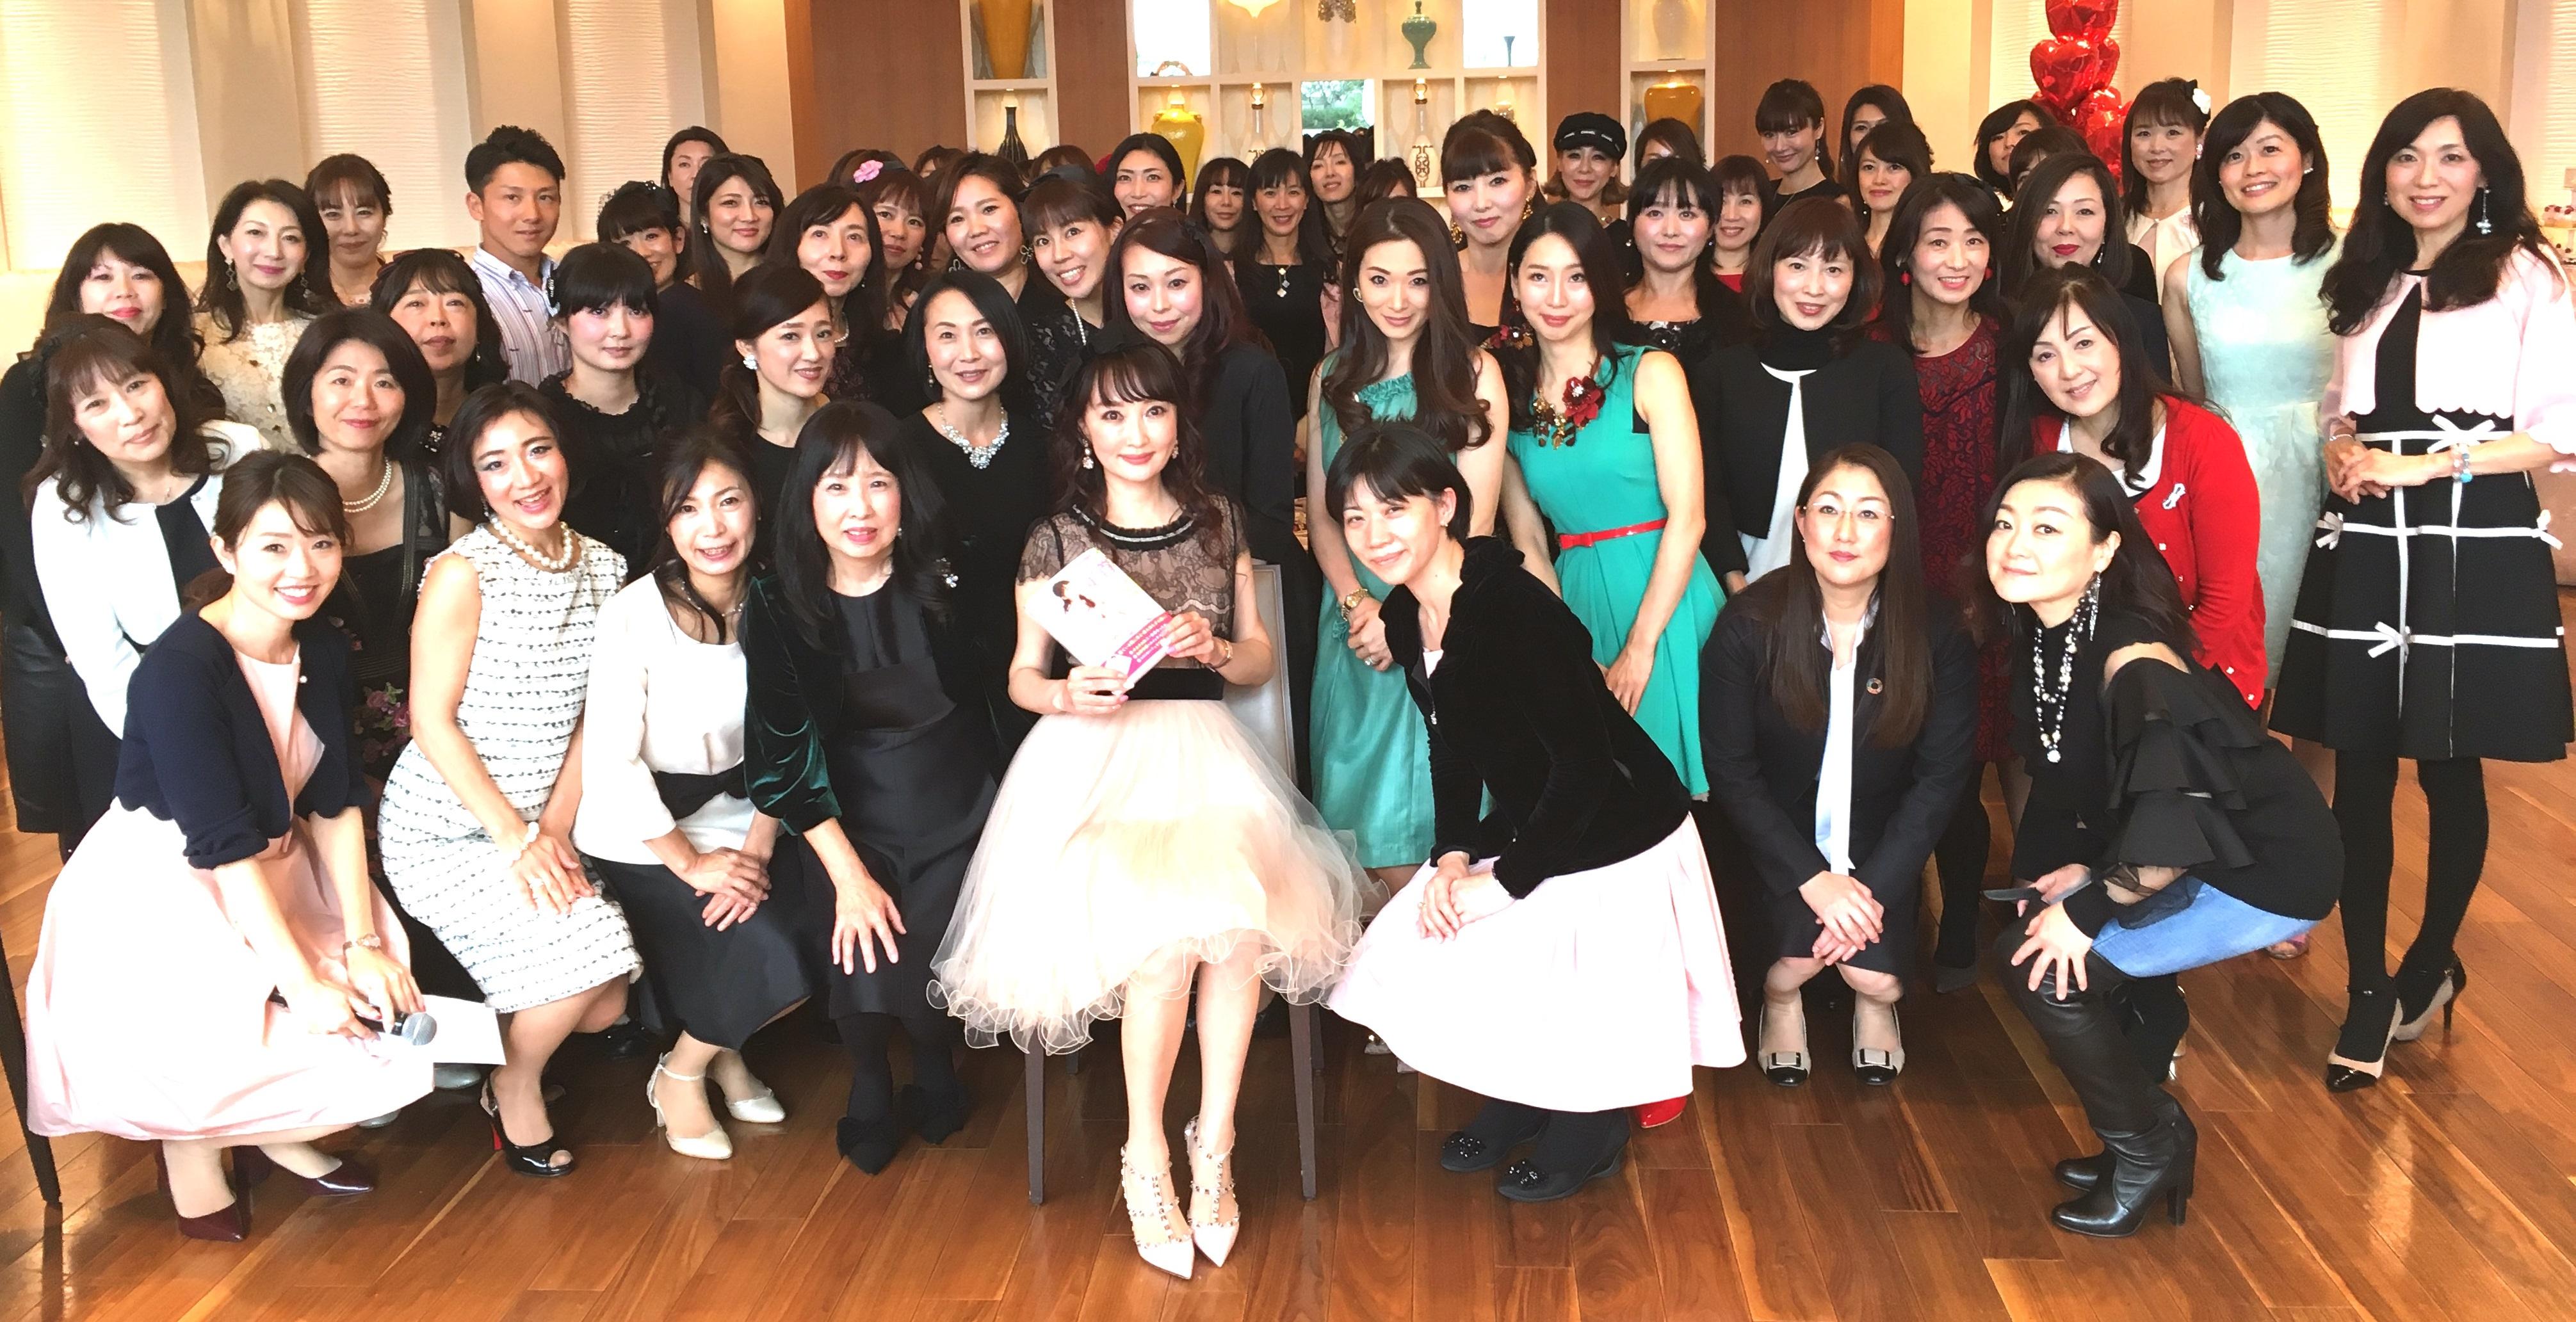 日本おリボン党×ピンクリボンのチャリティイベントをチェック